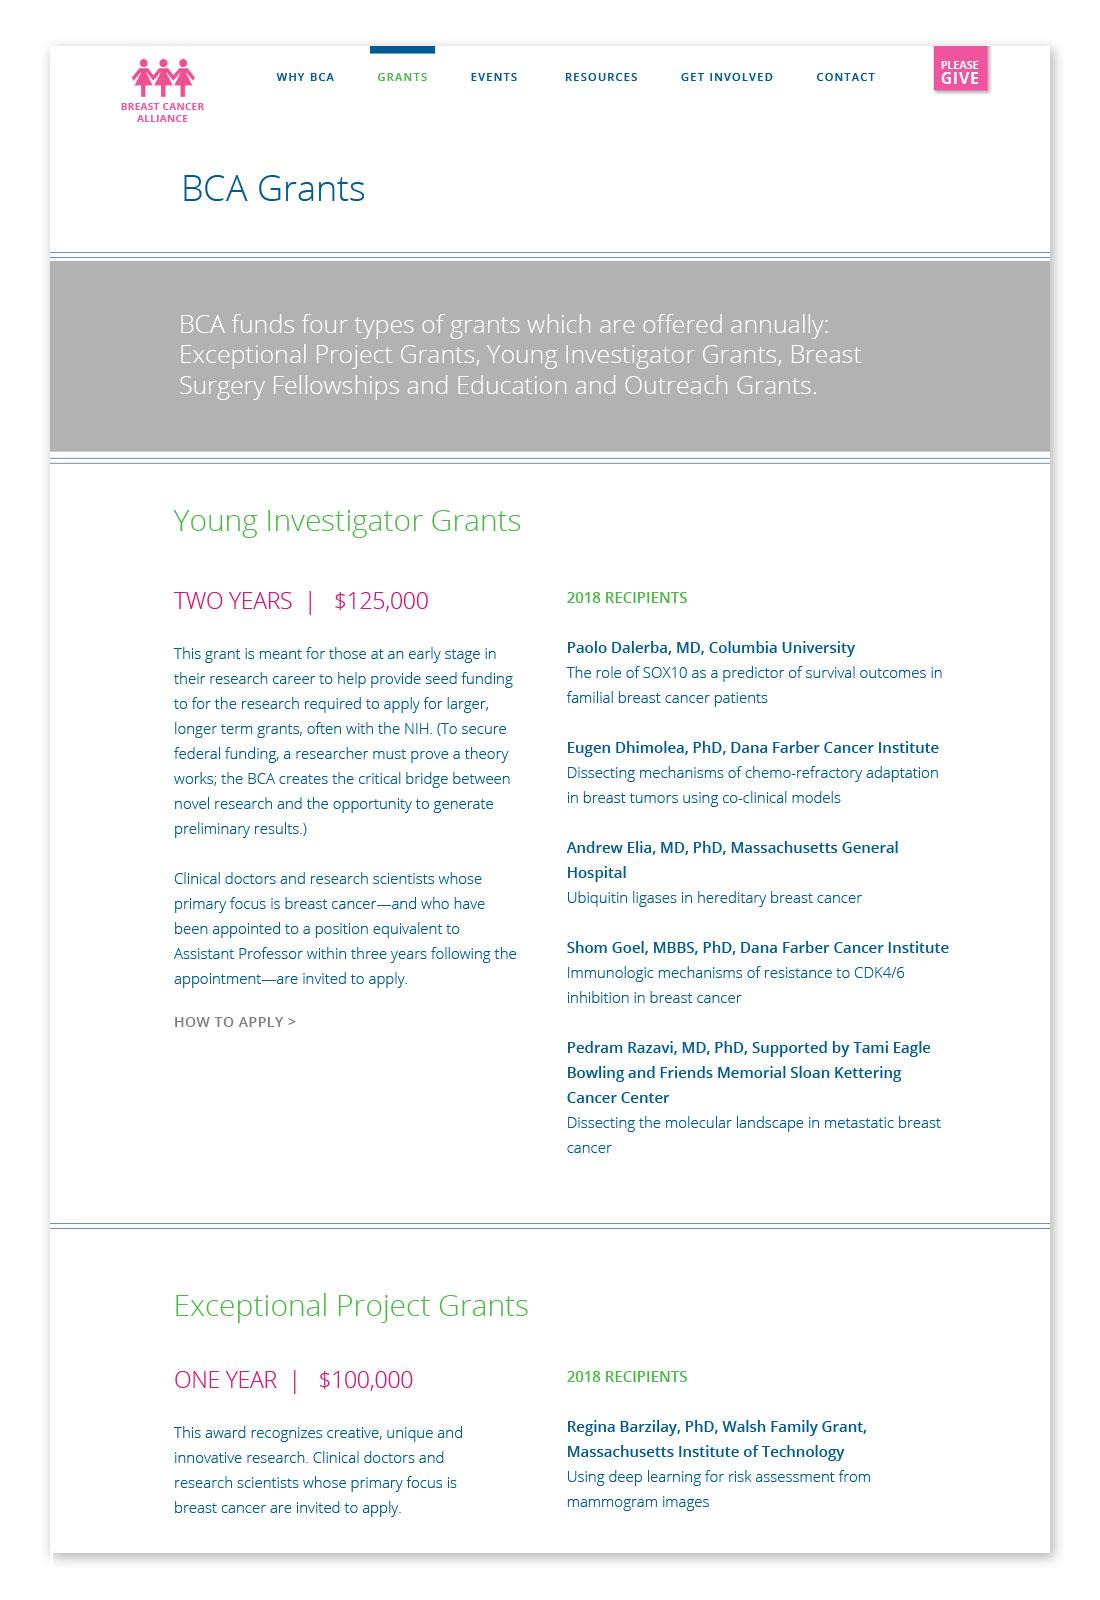 BCA.grants.jpg